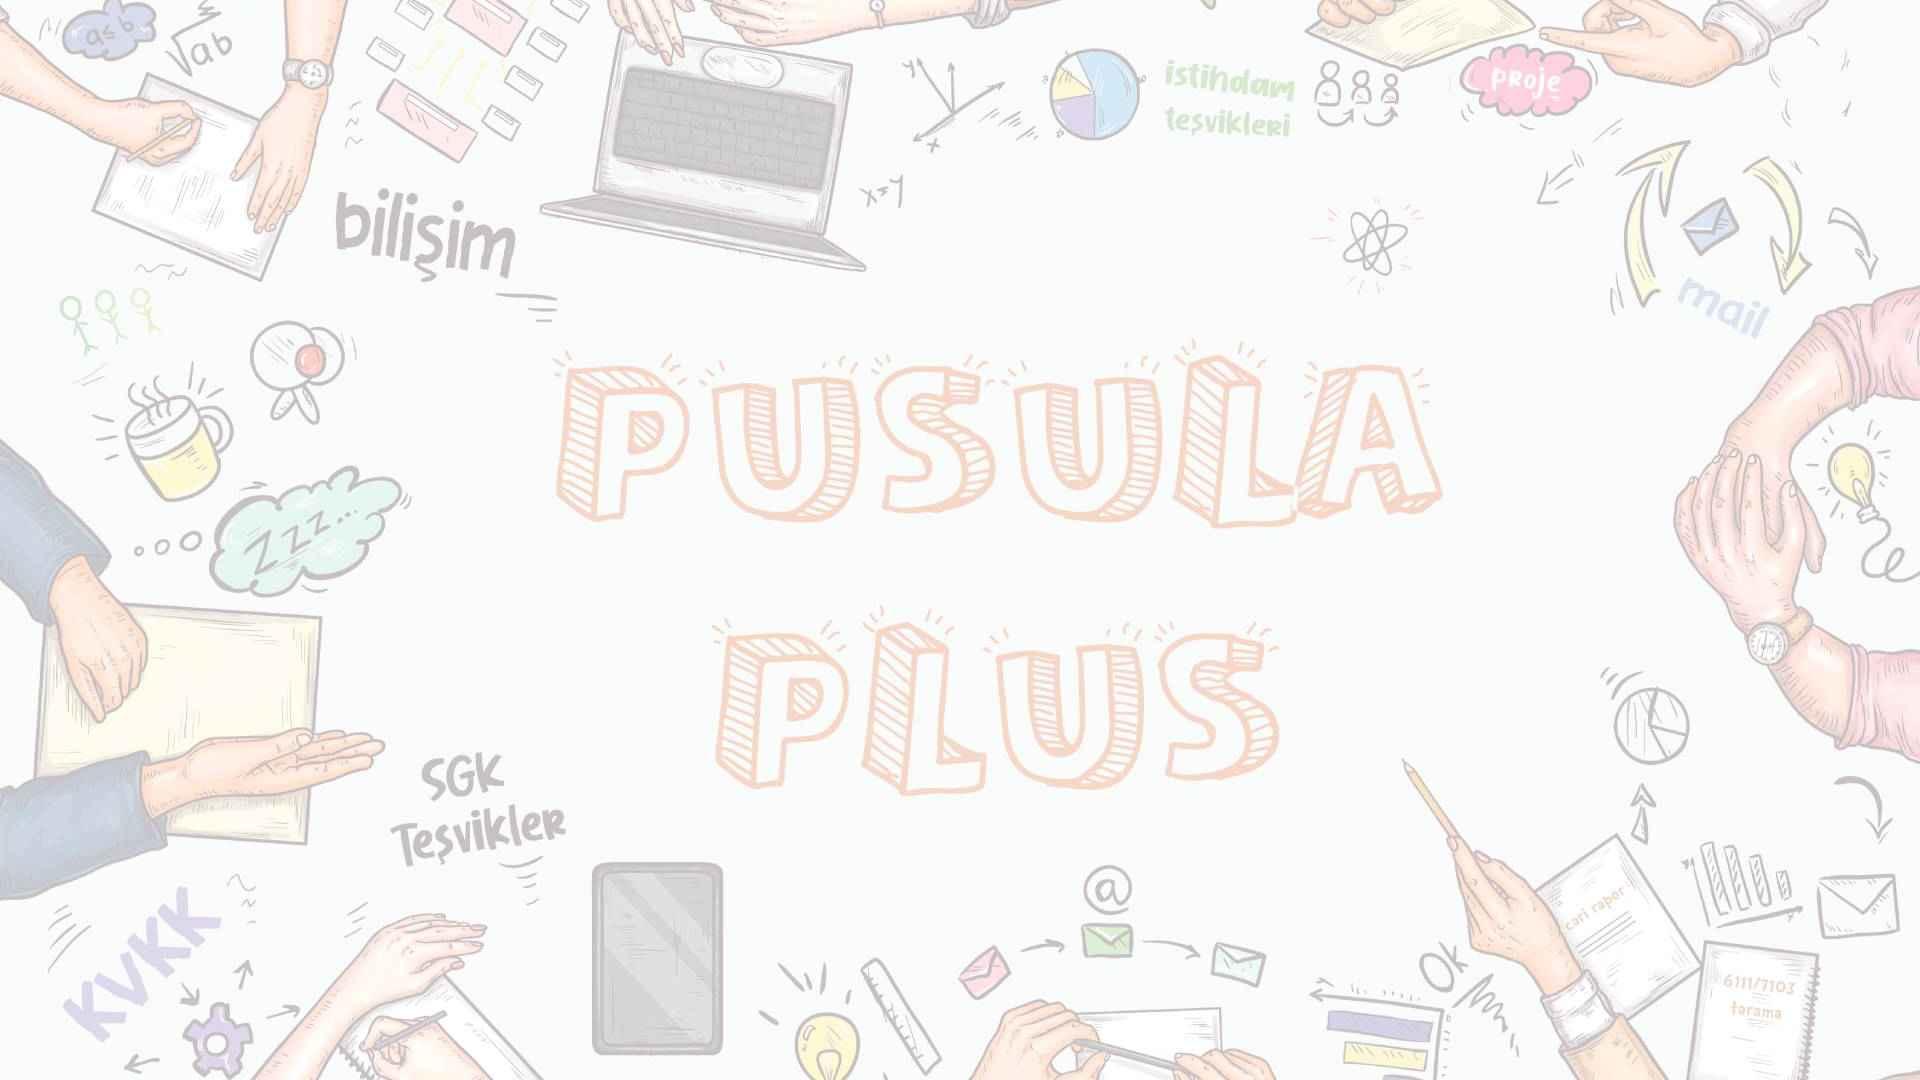 Pusula Teşvik - Kayıt Olma (İstihdam Teşvikleri Hesaplama Programı)